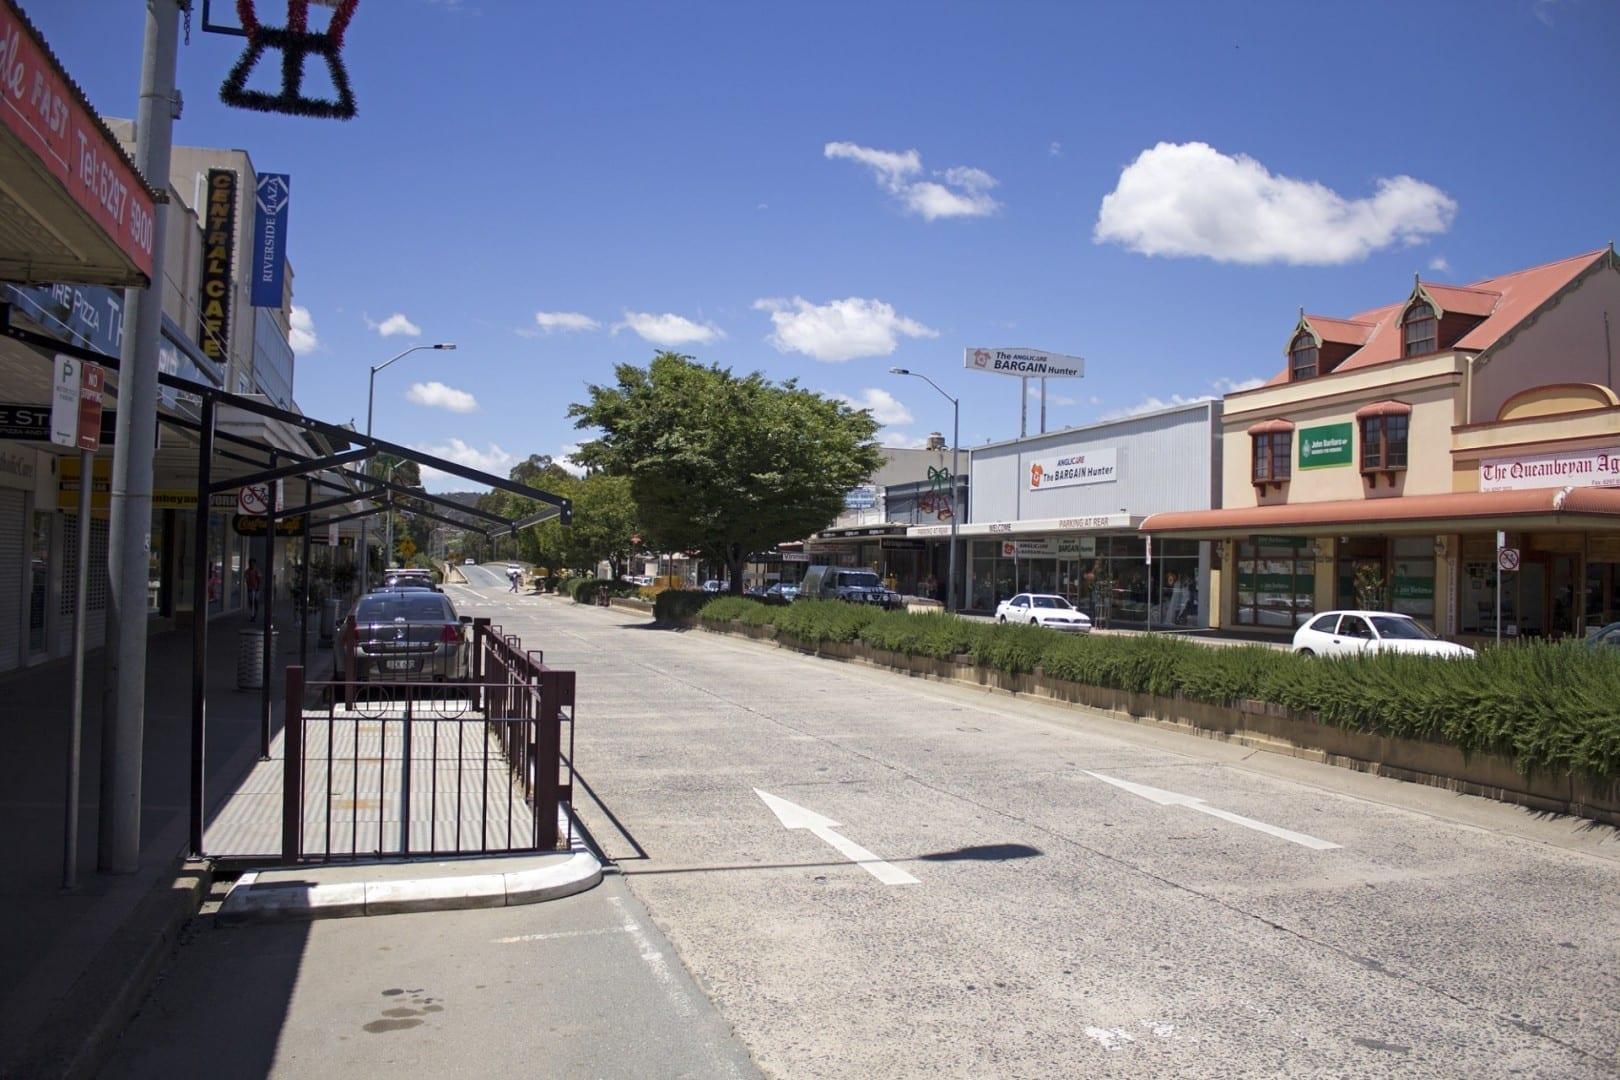 Mirando hacia el noreste a lo largo de Kings Highway (Monaro Street) en Queanbeyan Queanbeyan Australia